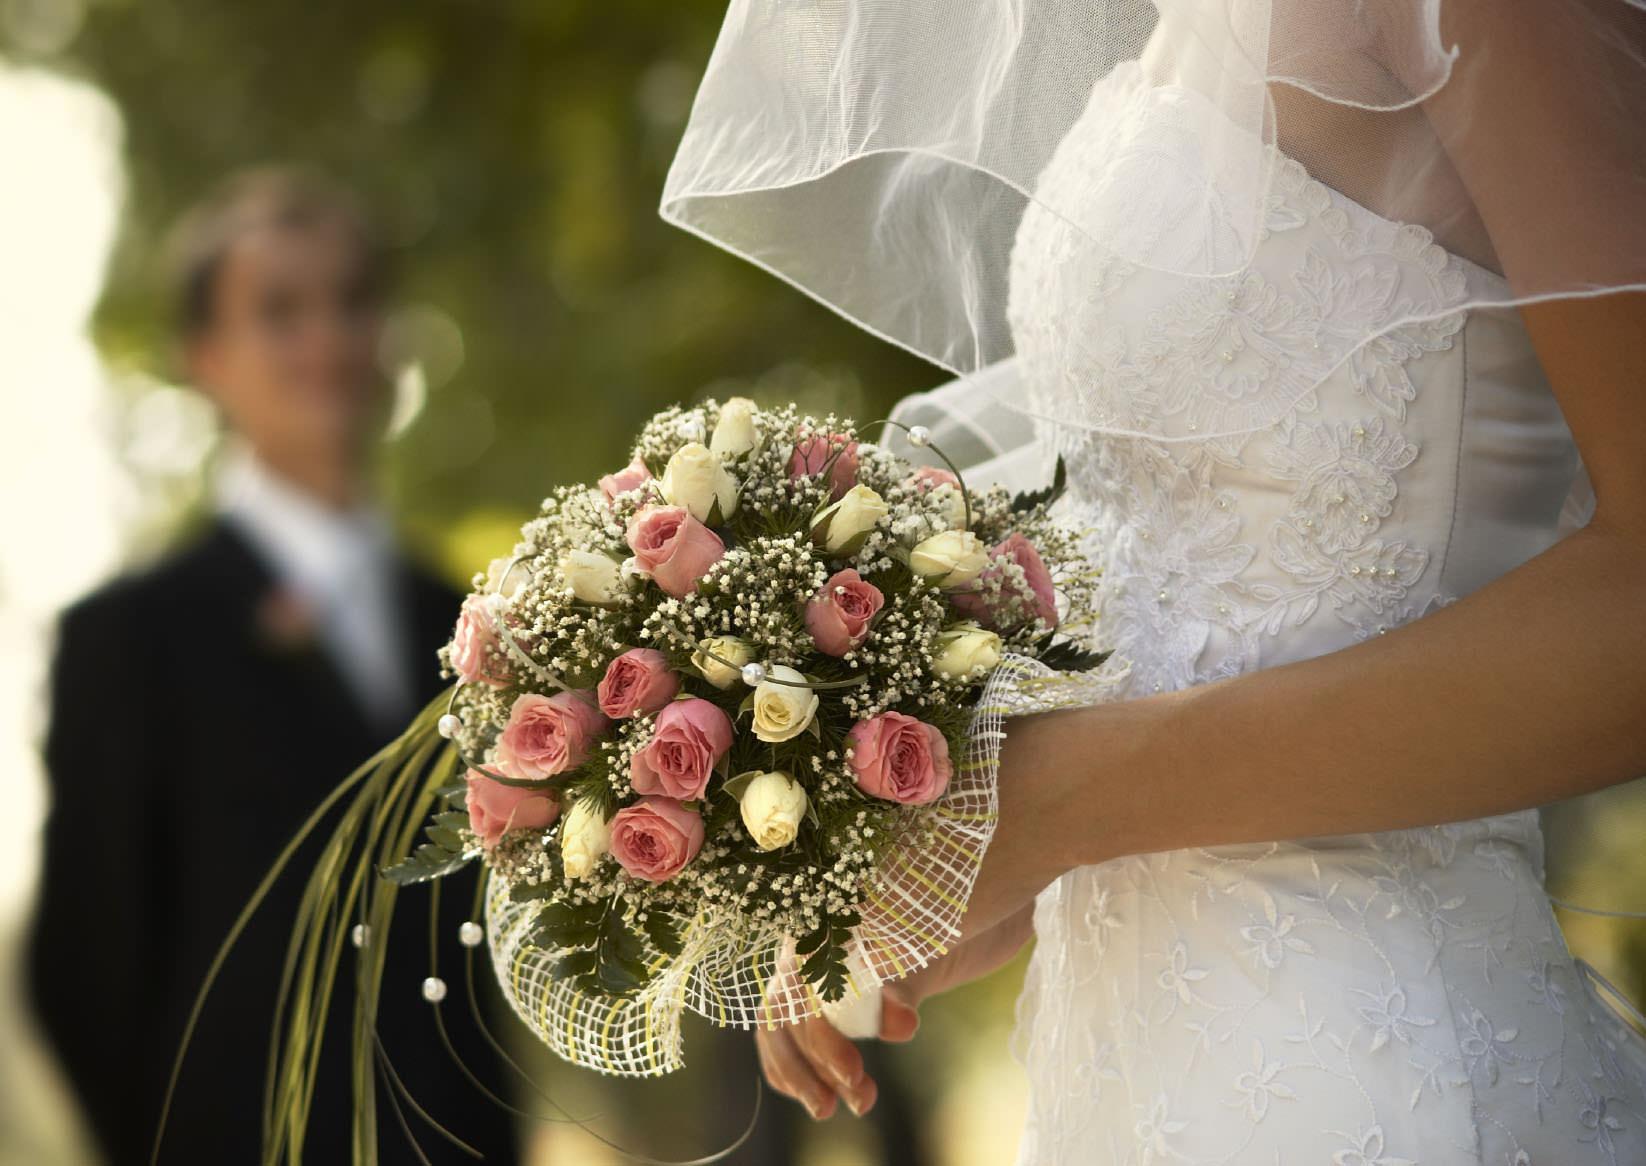 когда пришло время делать предложение, девушка в свадебном платье с цветами